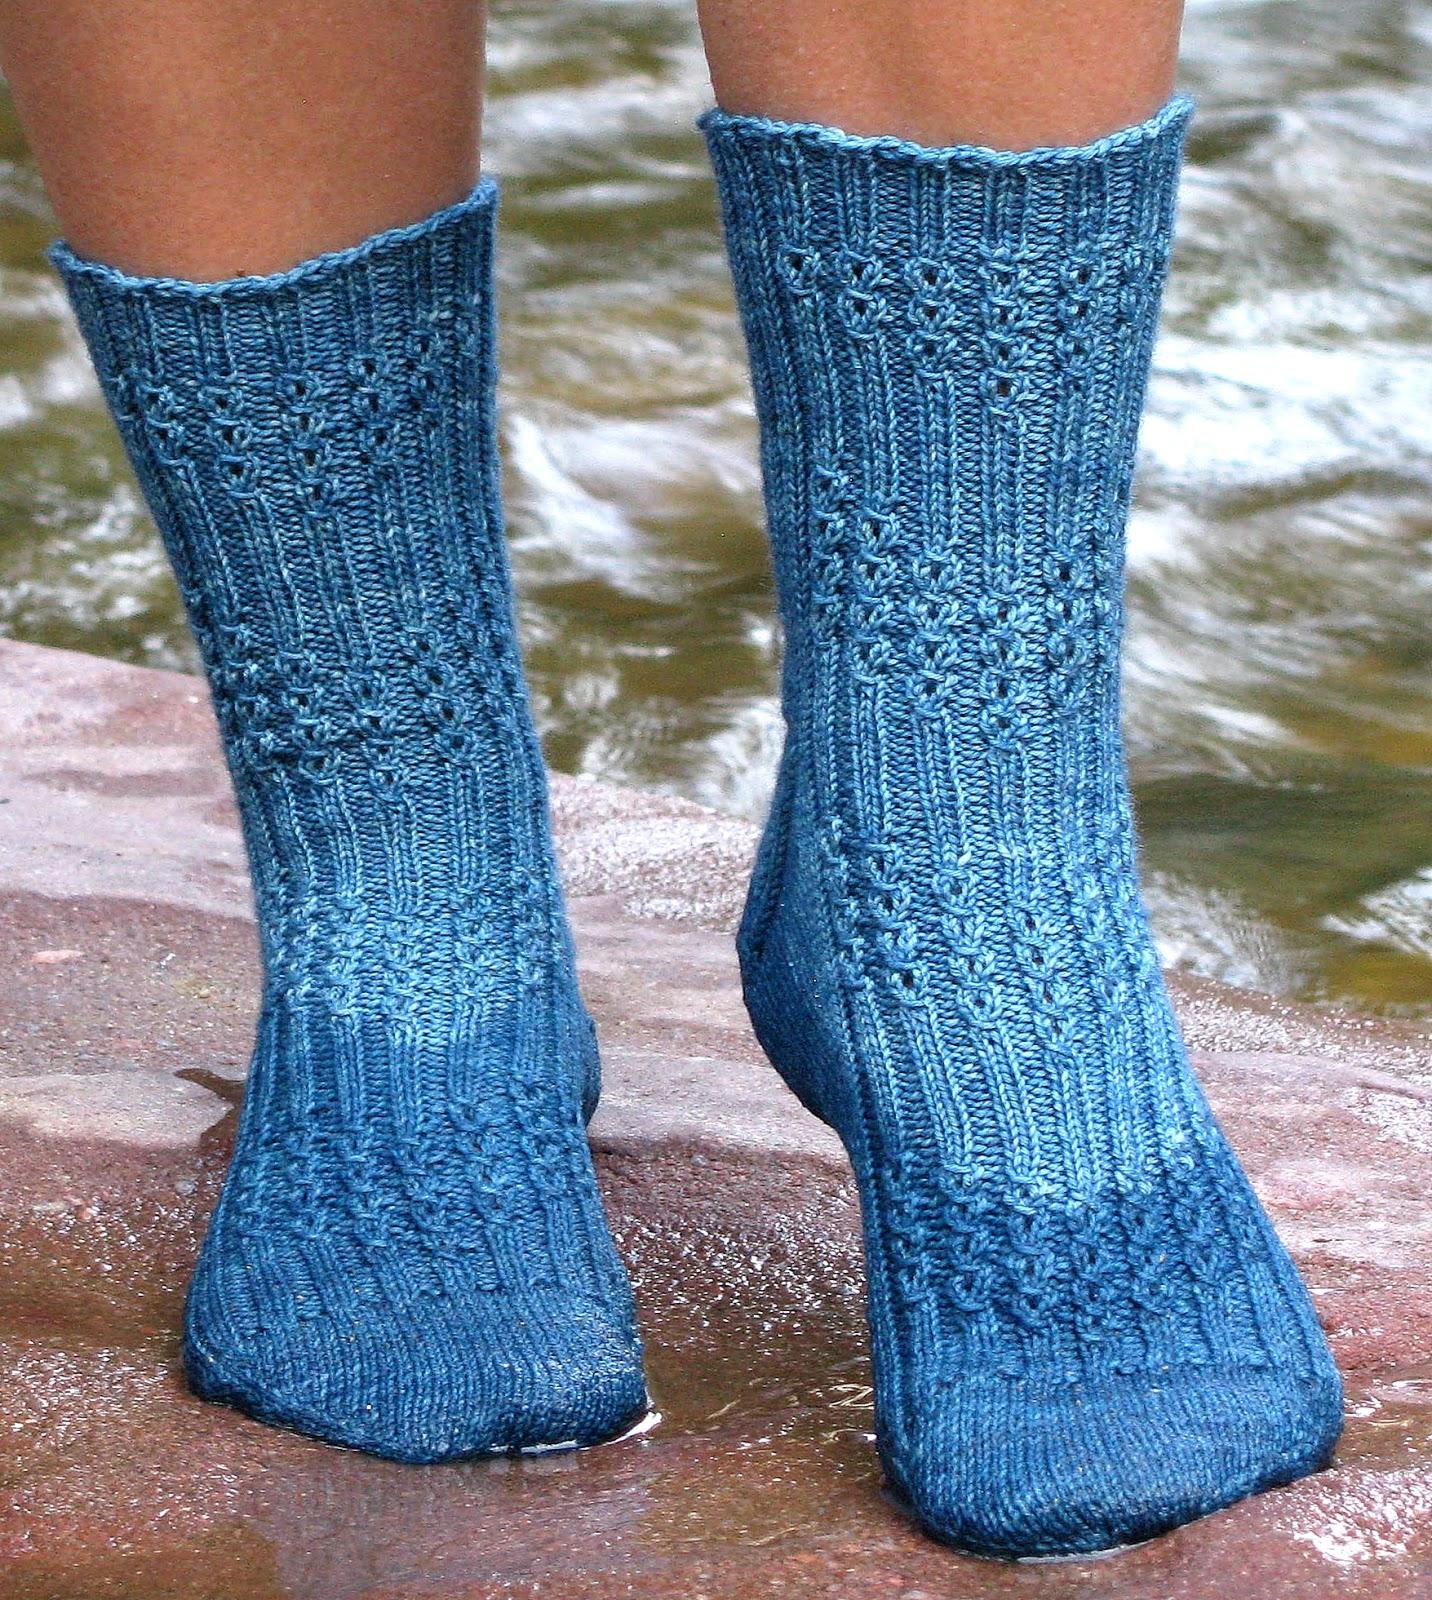 http://www.ravelry.com/patterns/library/riverwalk-socks